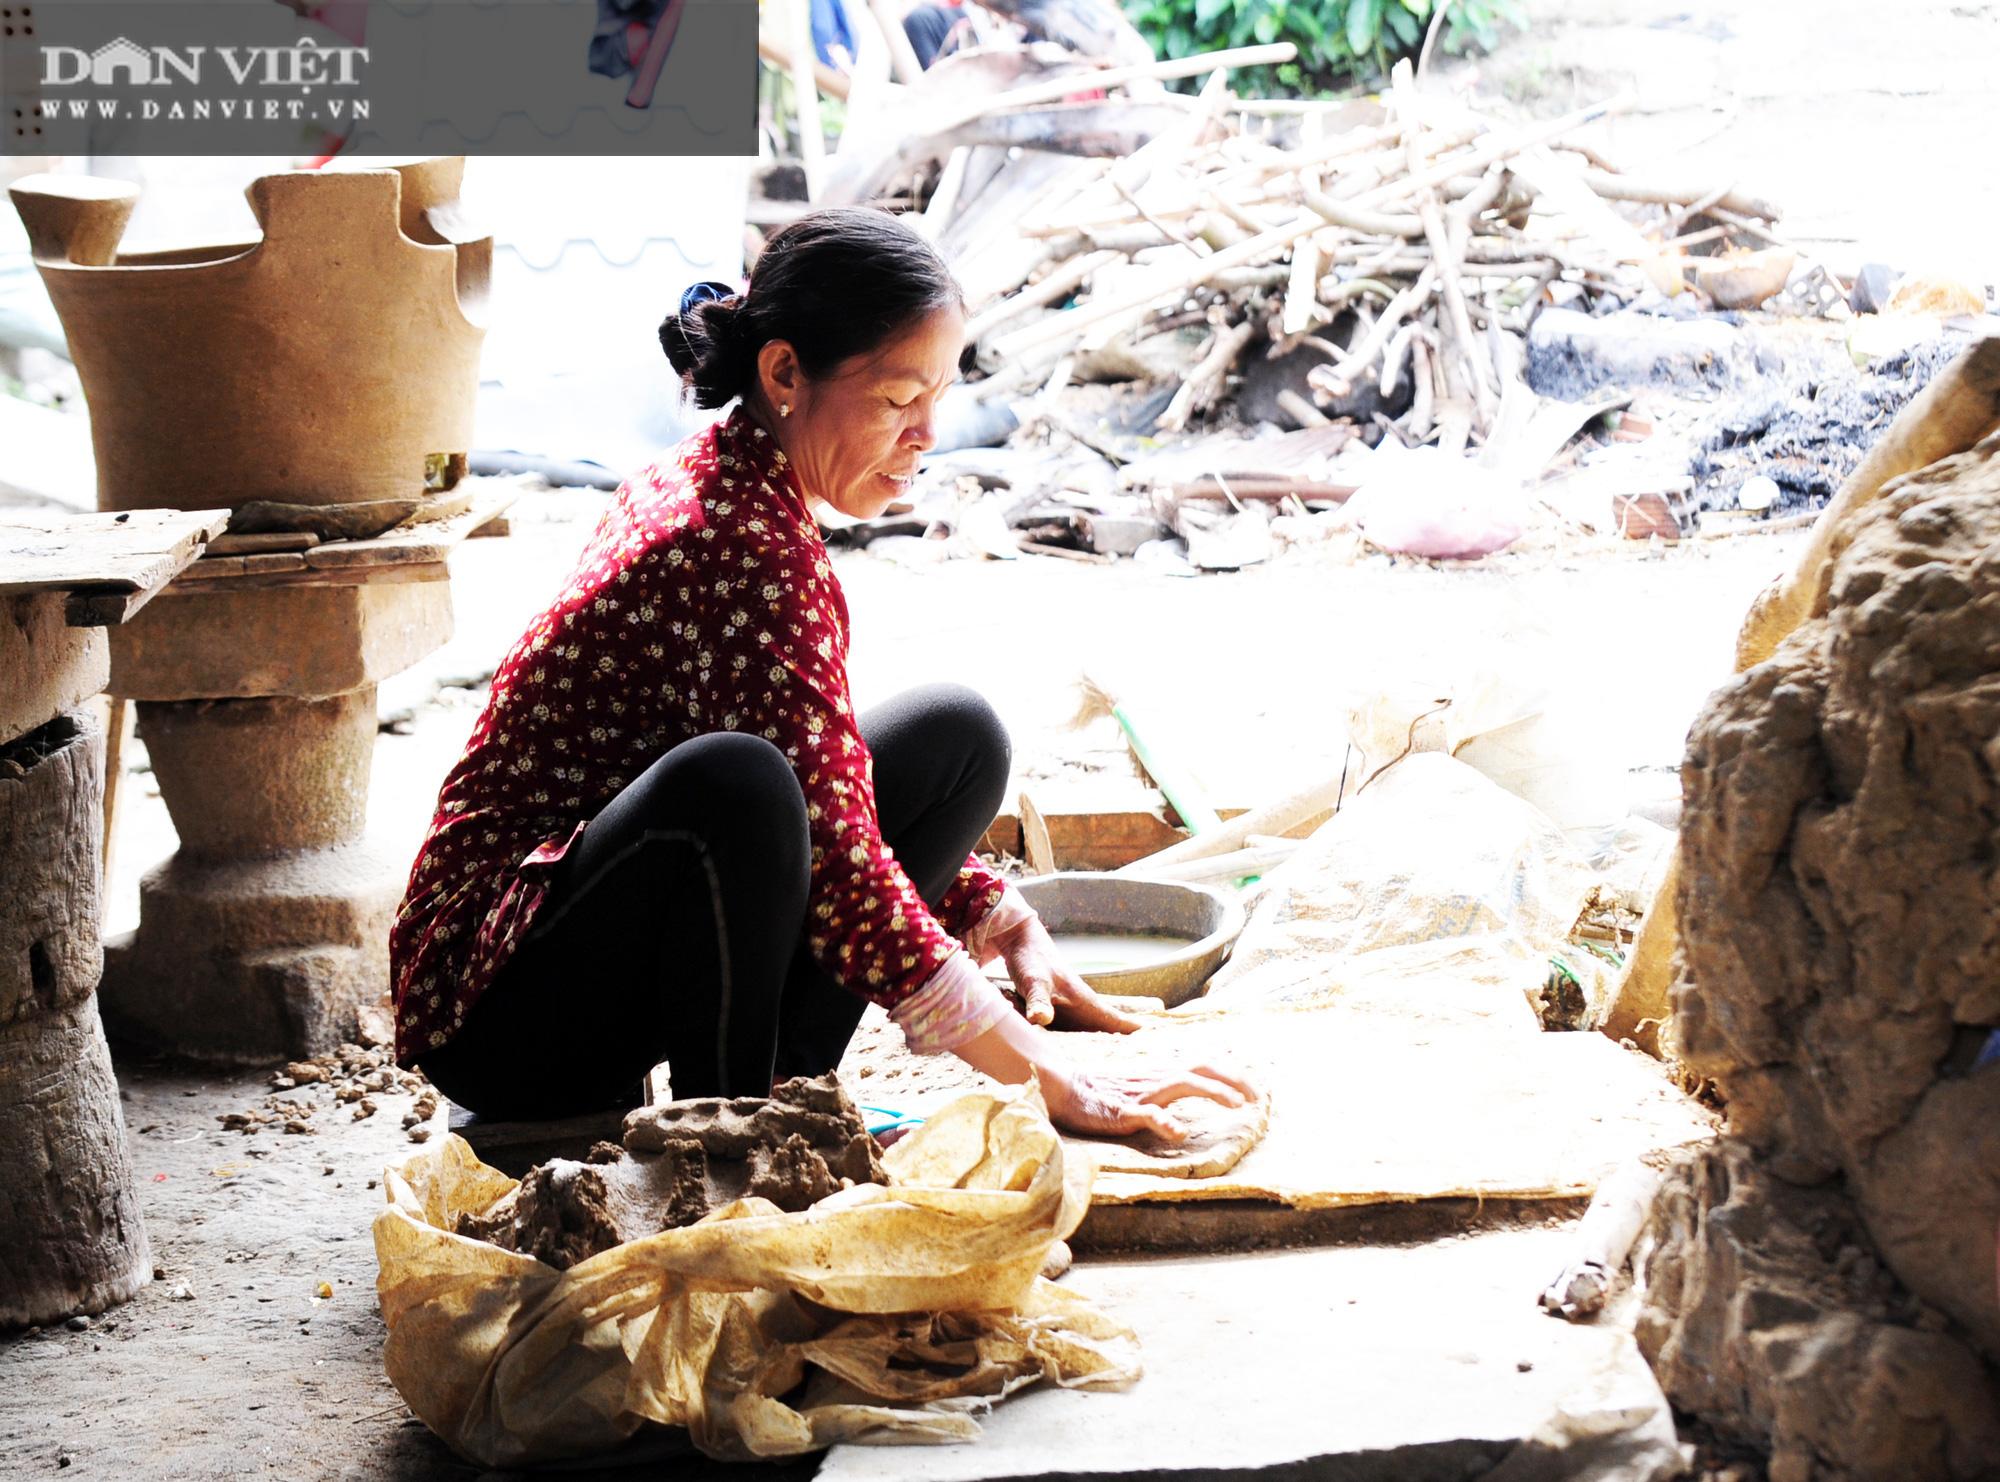 Về làng gốm Phnôm Pi ở vùng Bảy Núi, xem các chị làm nồi đất, khuôn bánh bằng tay - Ảnh 1.